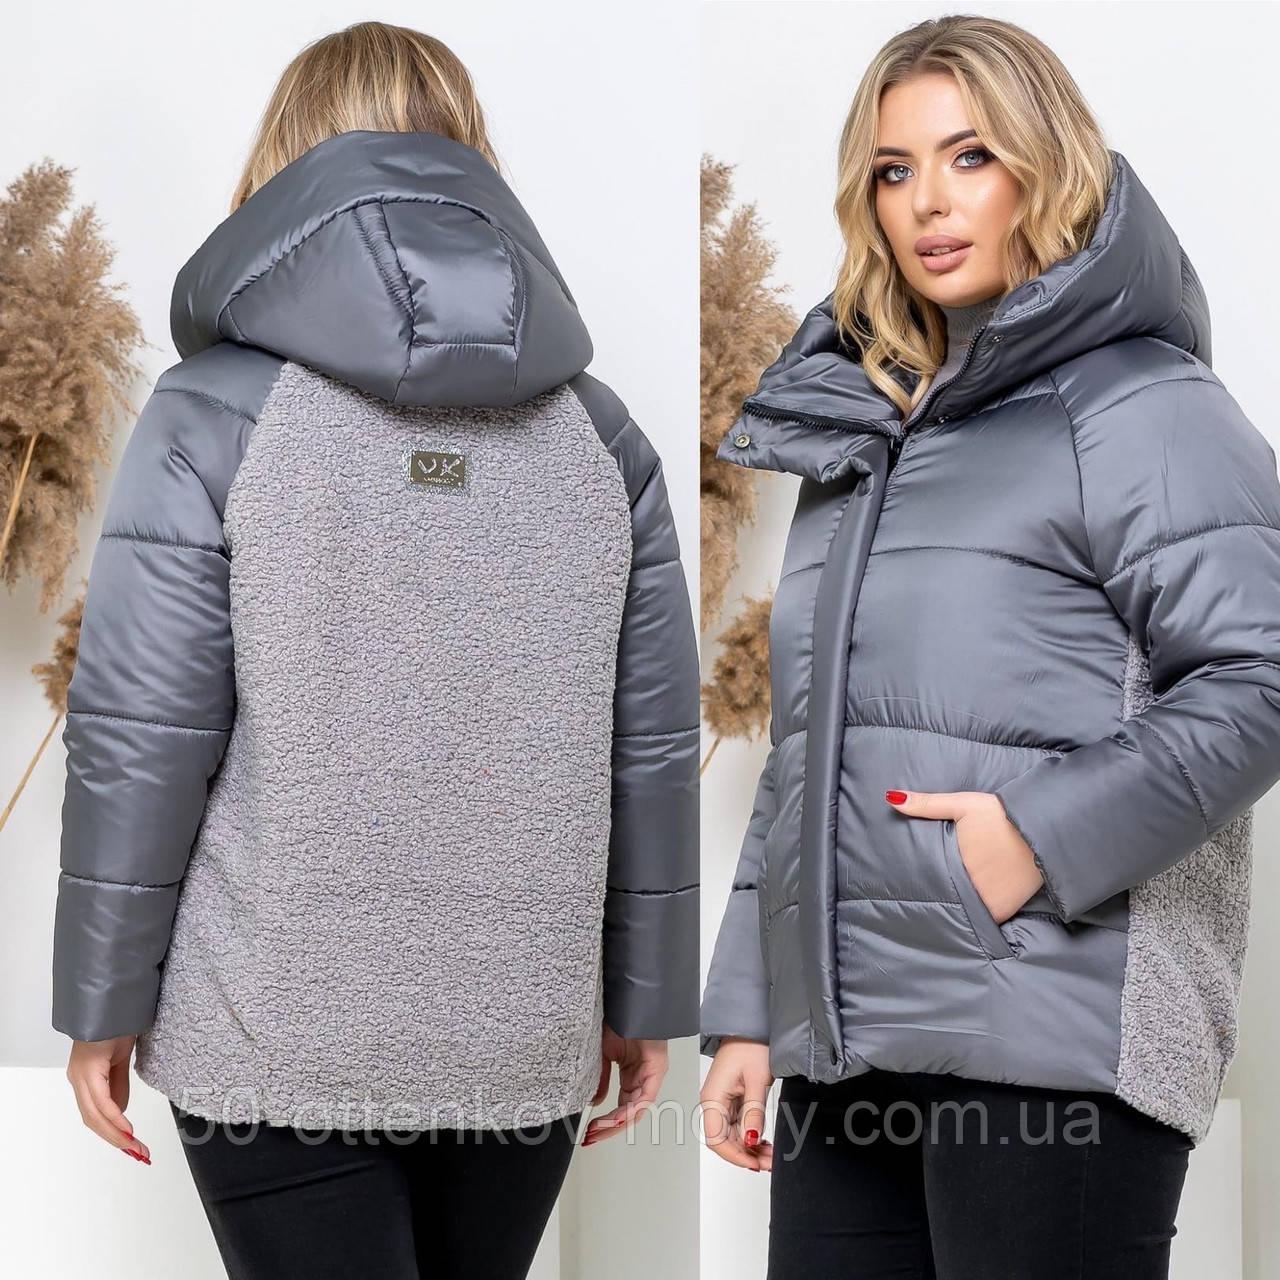 Женская всесезонная куртка батал 46-48 50-52 54-56